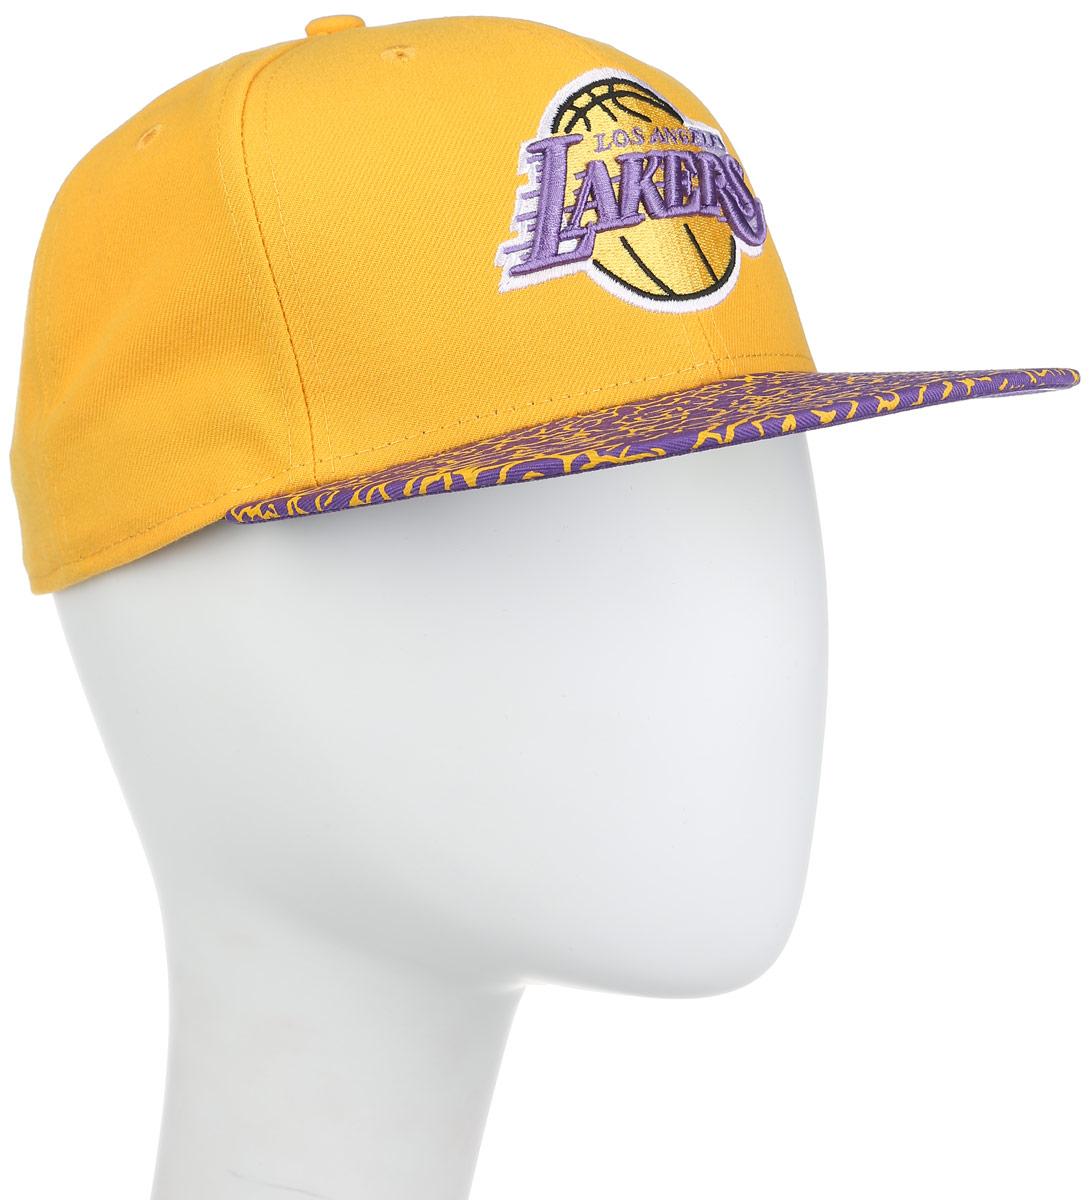 Бейсболка11210295-TEAMСтильная бейсболка New Era Los Angeles Lakers, выполненная из высококачественных материалов, идеально подойдет для прогулок, занятий спортом и отдыха. Изделие оформлено объемным вышитым логотипом знаменитой бейсбольной команды и логотипом производителя. Ничто не говорит о настоящем любителе путешествий больше, чем любимая кепка. Эта модель станет отличным аксессуаром и дополнит ваш повседневный образ.